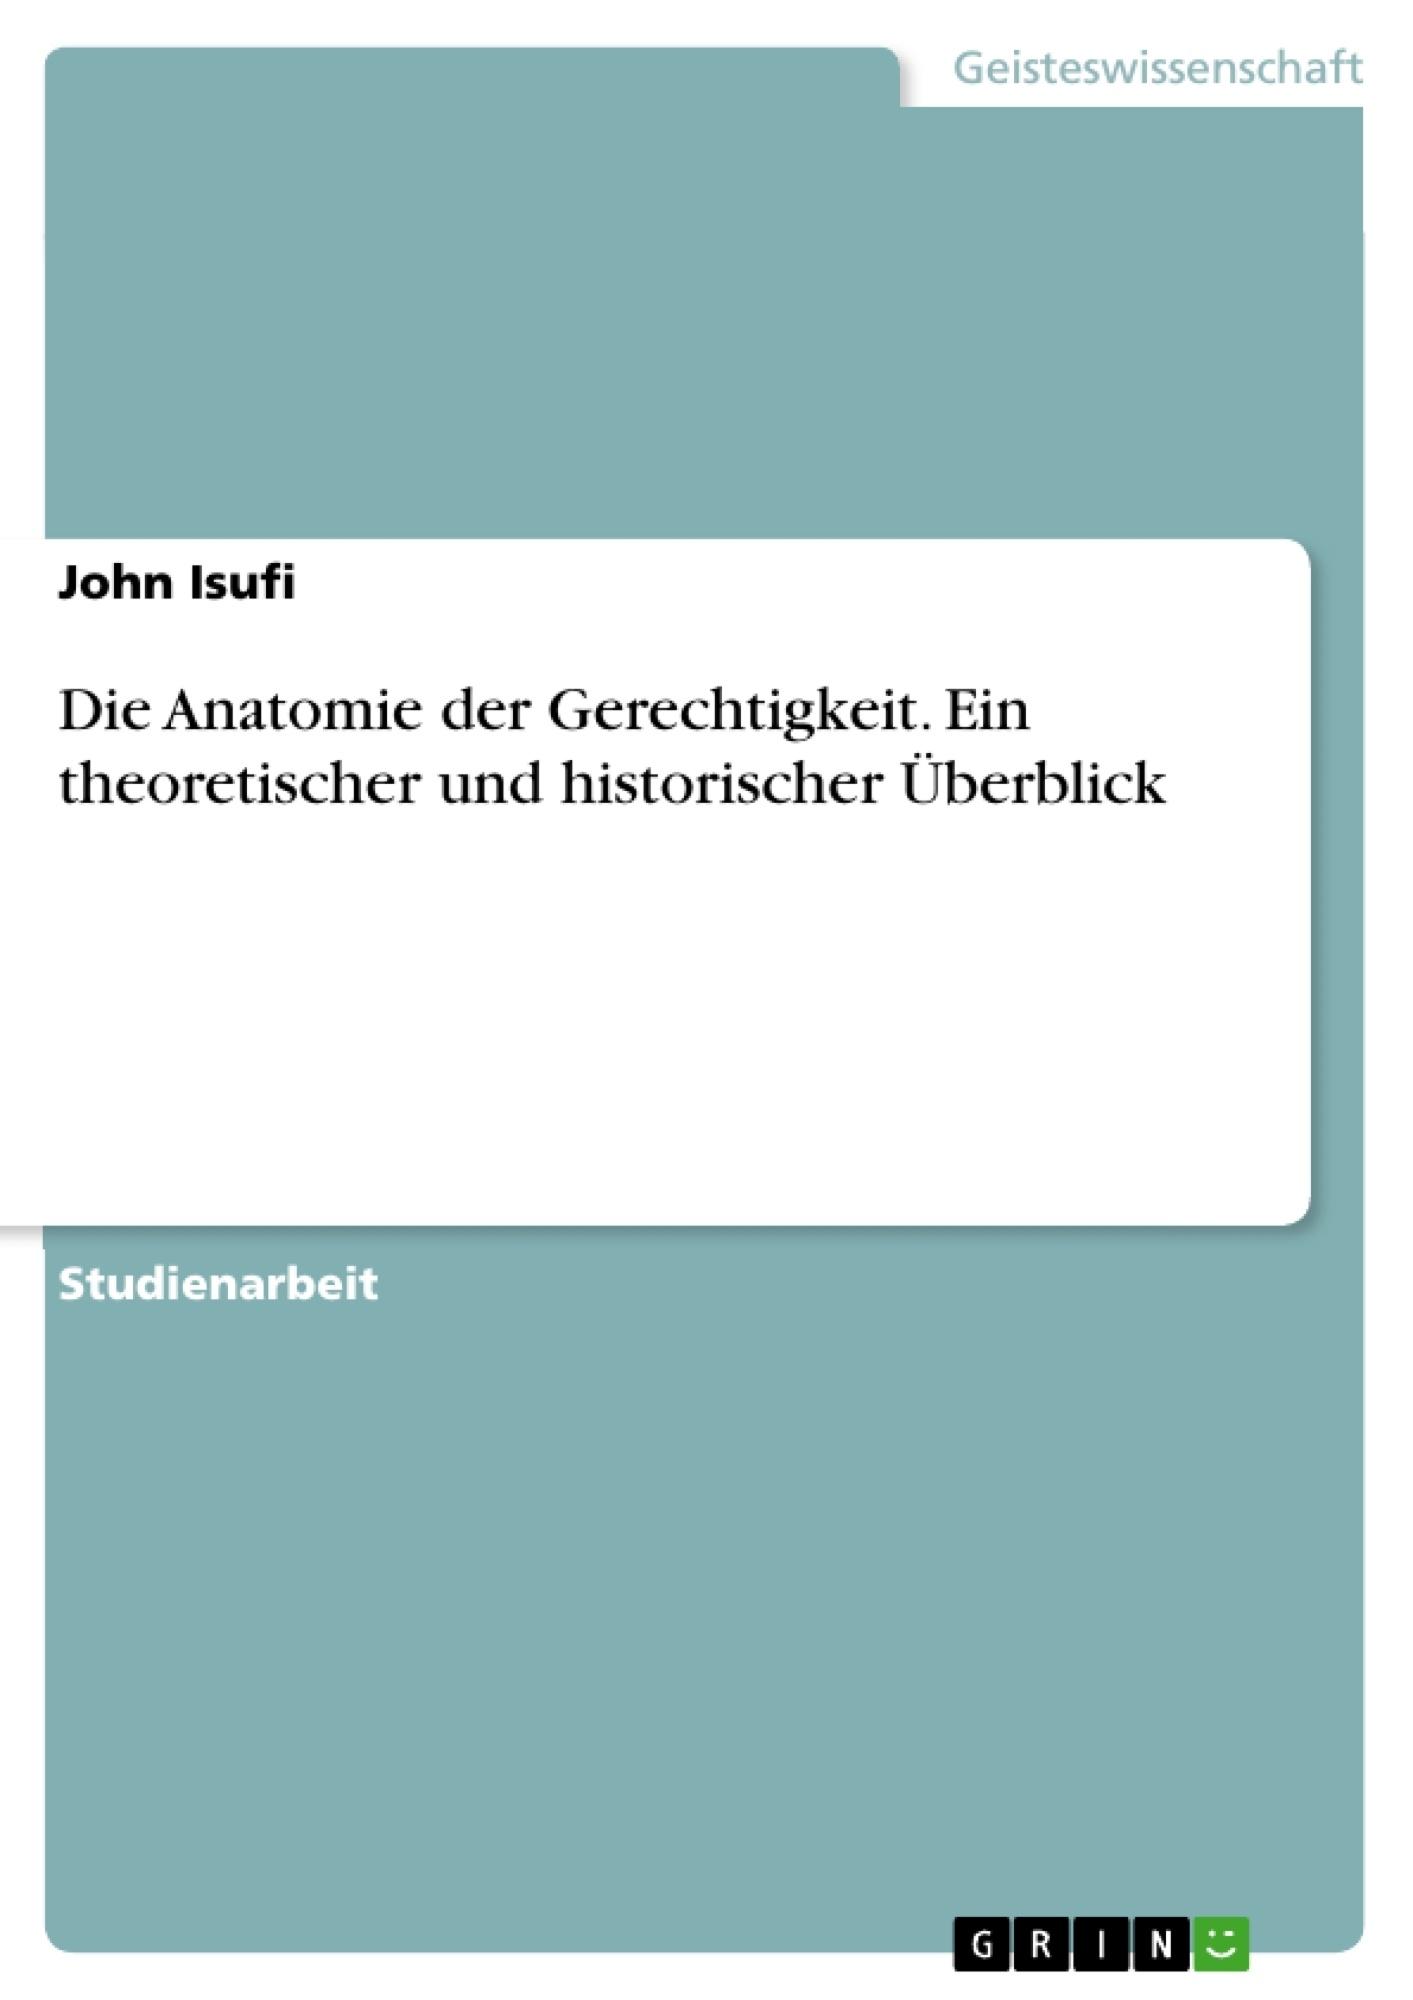 Titel: Die Anatomie der Gerechtigkeit. Ein theoretischer und historischer Überblick